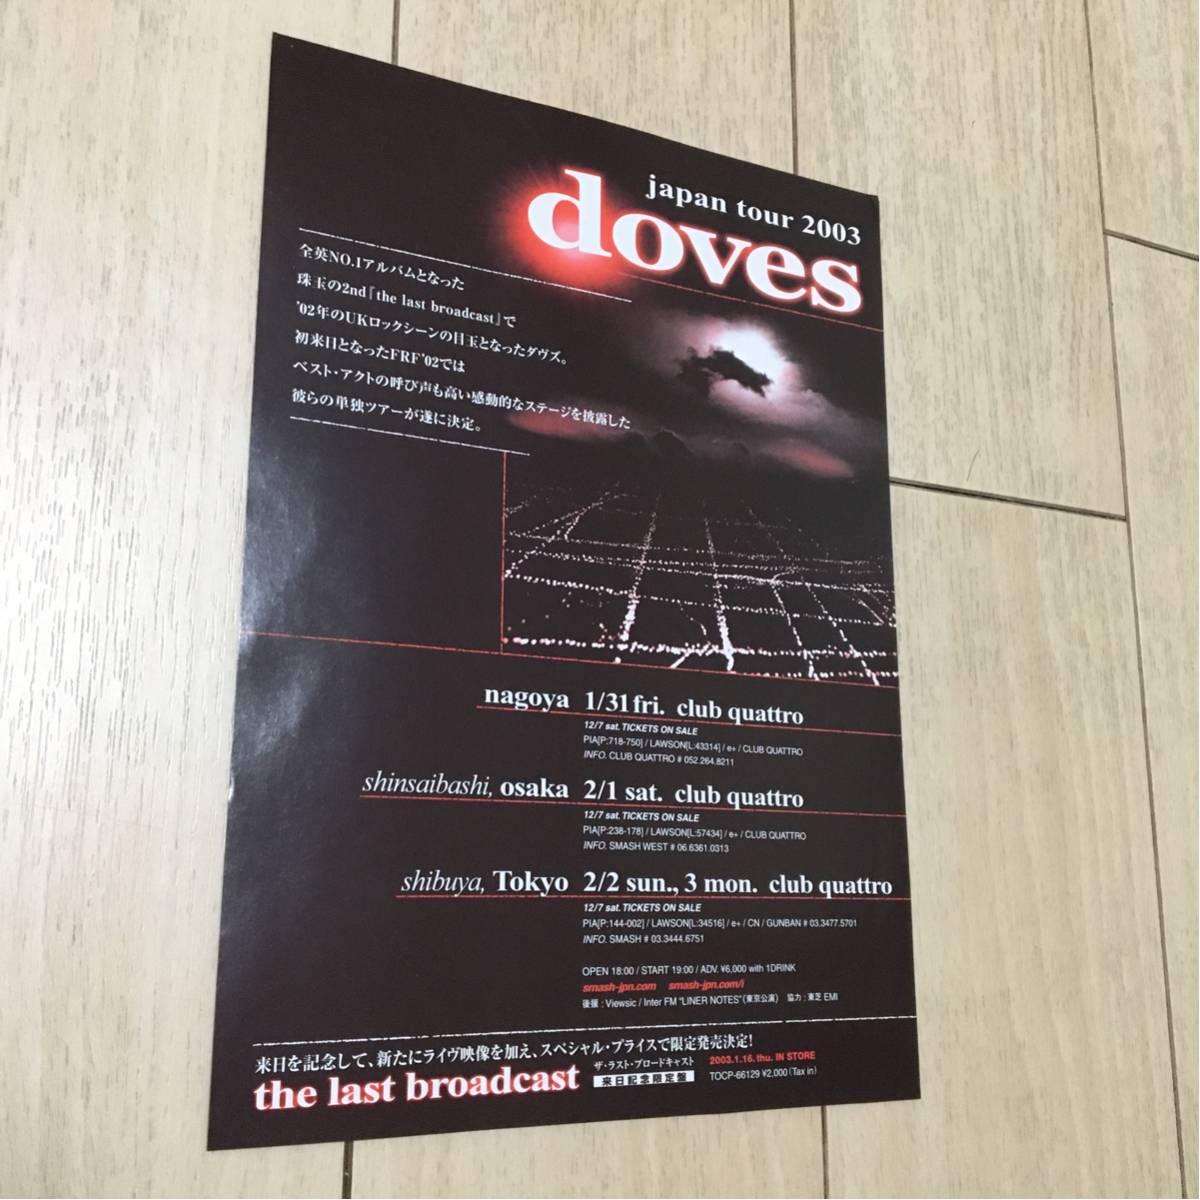 doves ダヴズ 来日 告知 チラシ ライブ japan tour 2003 uk ロック マンチェスター フジ ロック フェスティバル